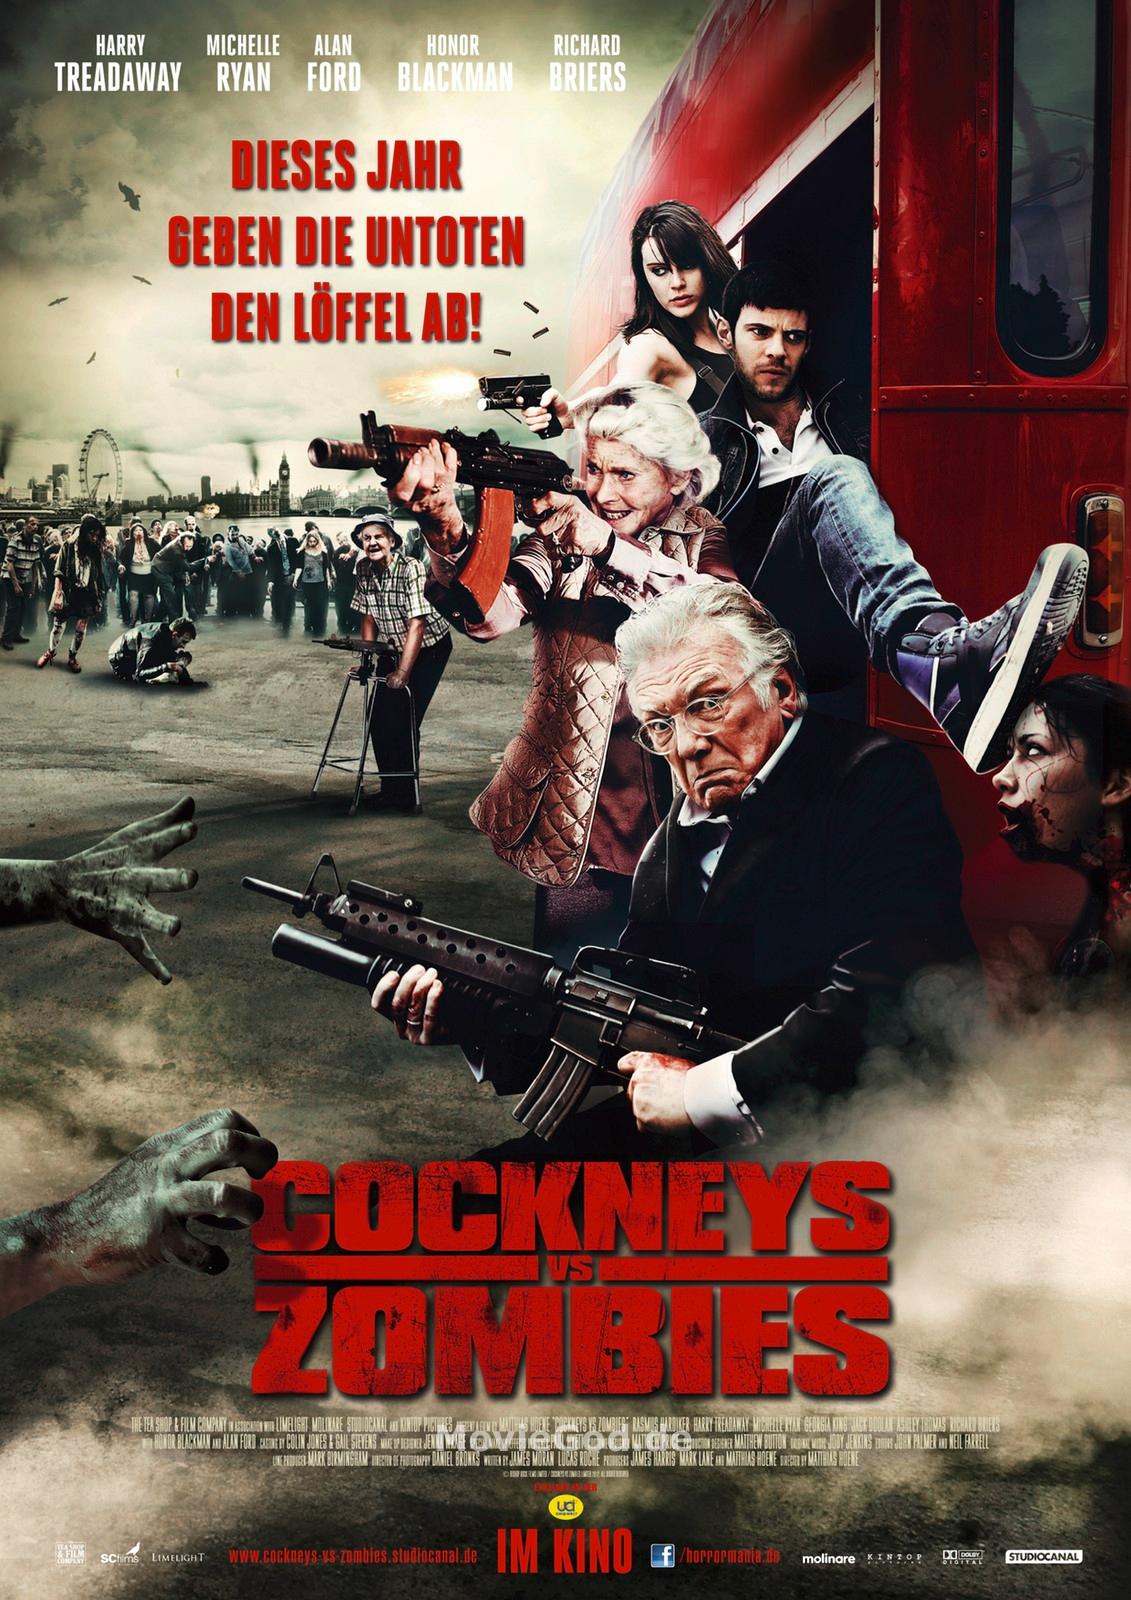 COCKNEYS VS ZOMBIES แก่เก๋า ปะทะ ซอมบี้